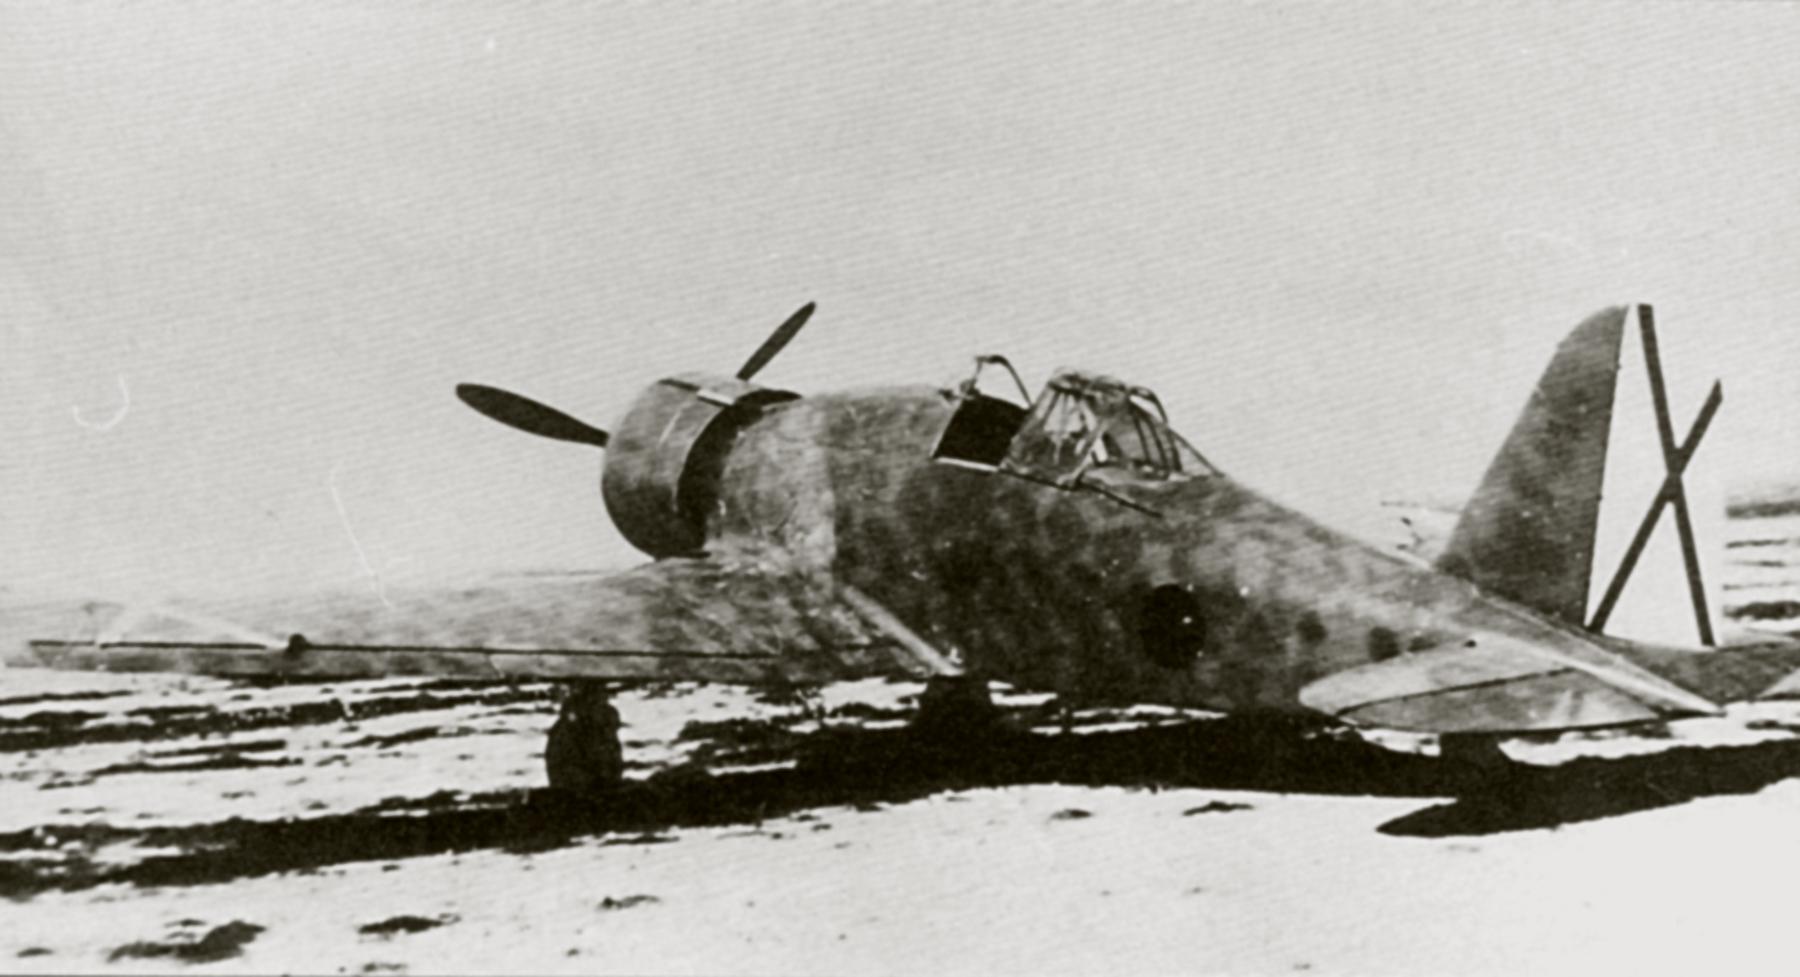 Fiat G50 Aviazione Legionaria 13 Gruppo Caccia MM3575 Enzo Martizza Reus Spain Mar 1939 03